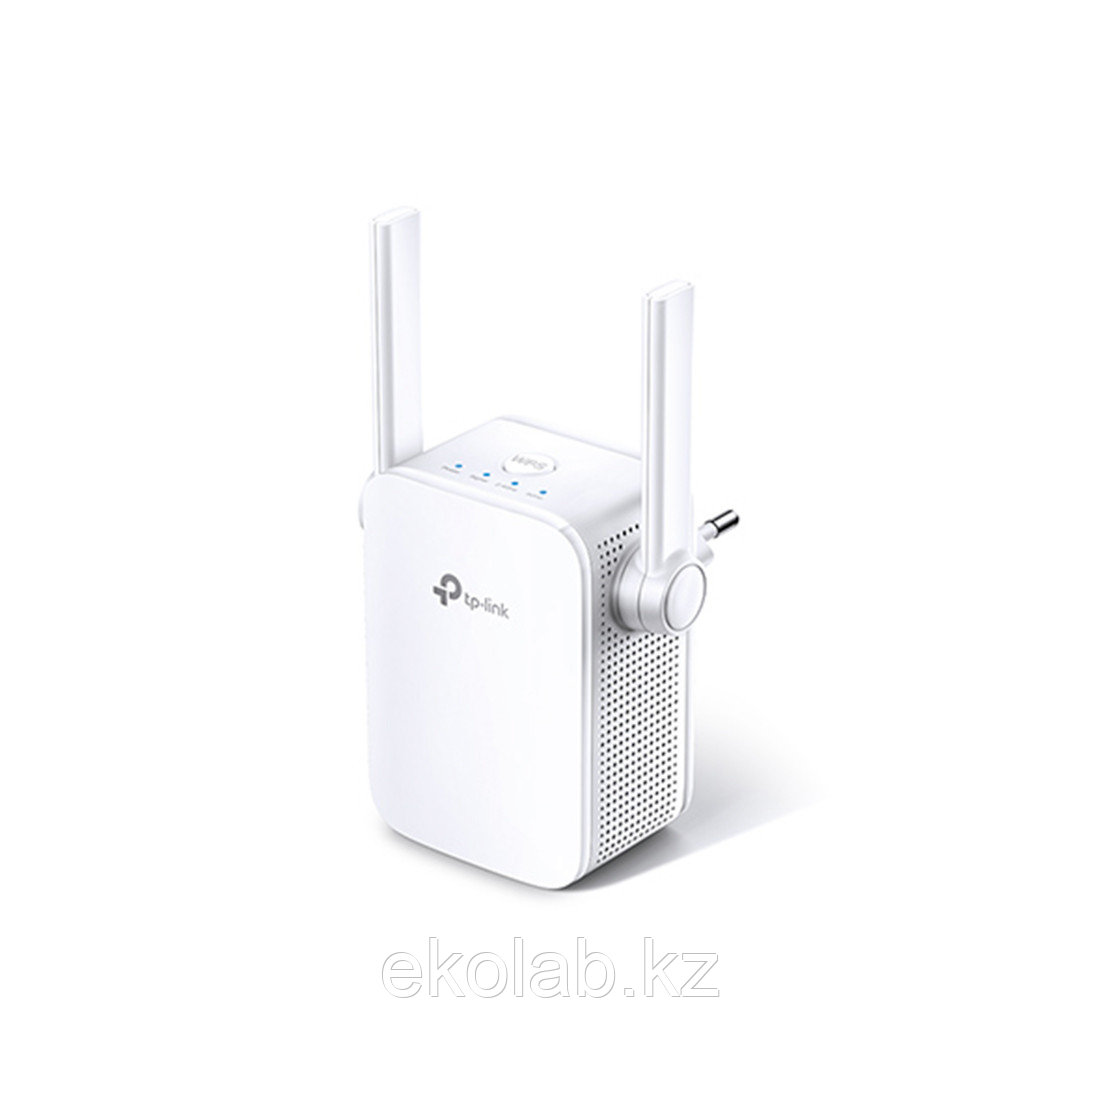 Усилитель Wi-Fi сигнала TP-Link RE305